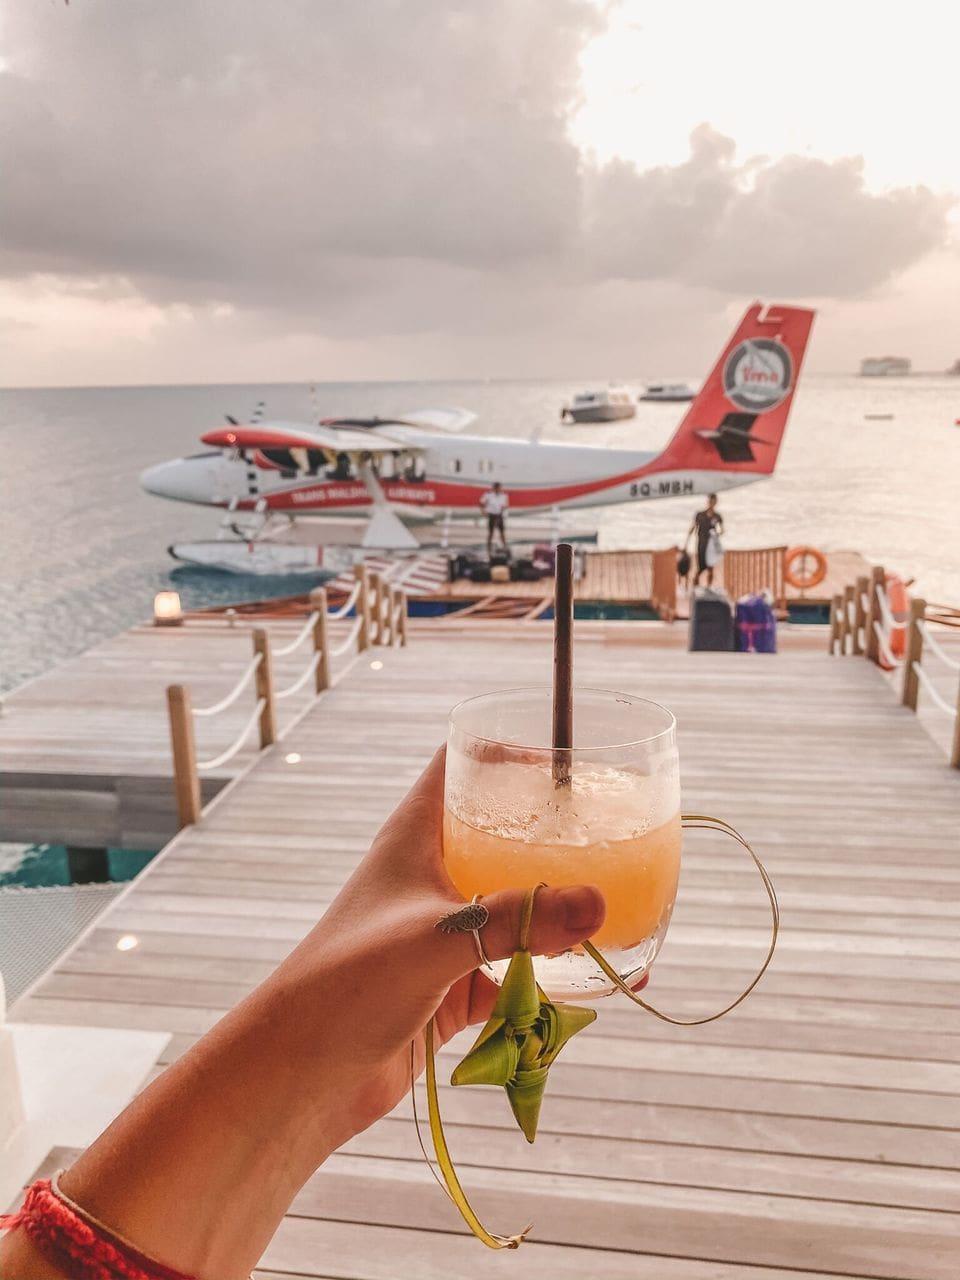 Seaplane Anreise JW Marriott Maldives